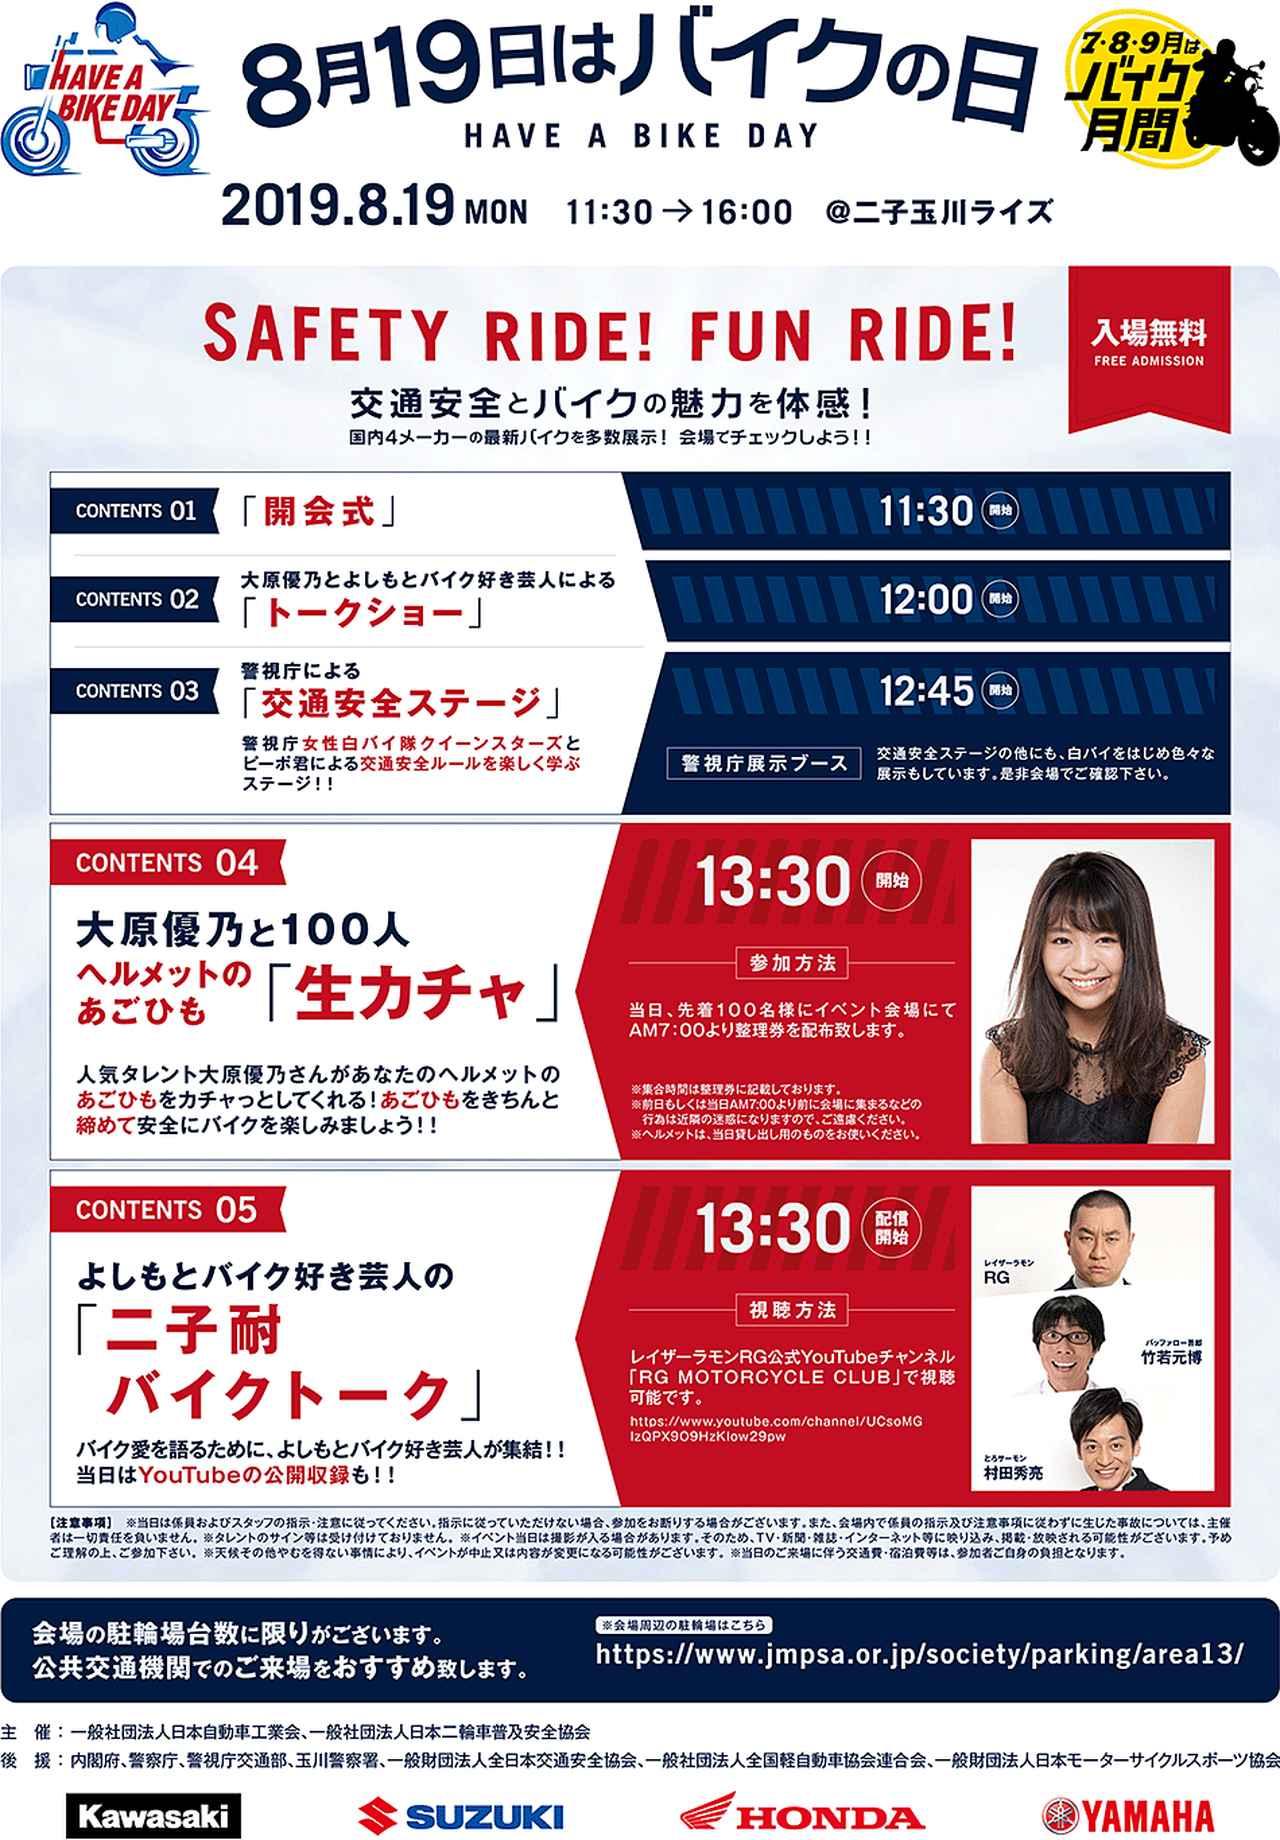 画像: 8月19日はバイクの日 | 日本二輪車普及安全協会